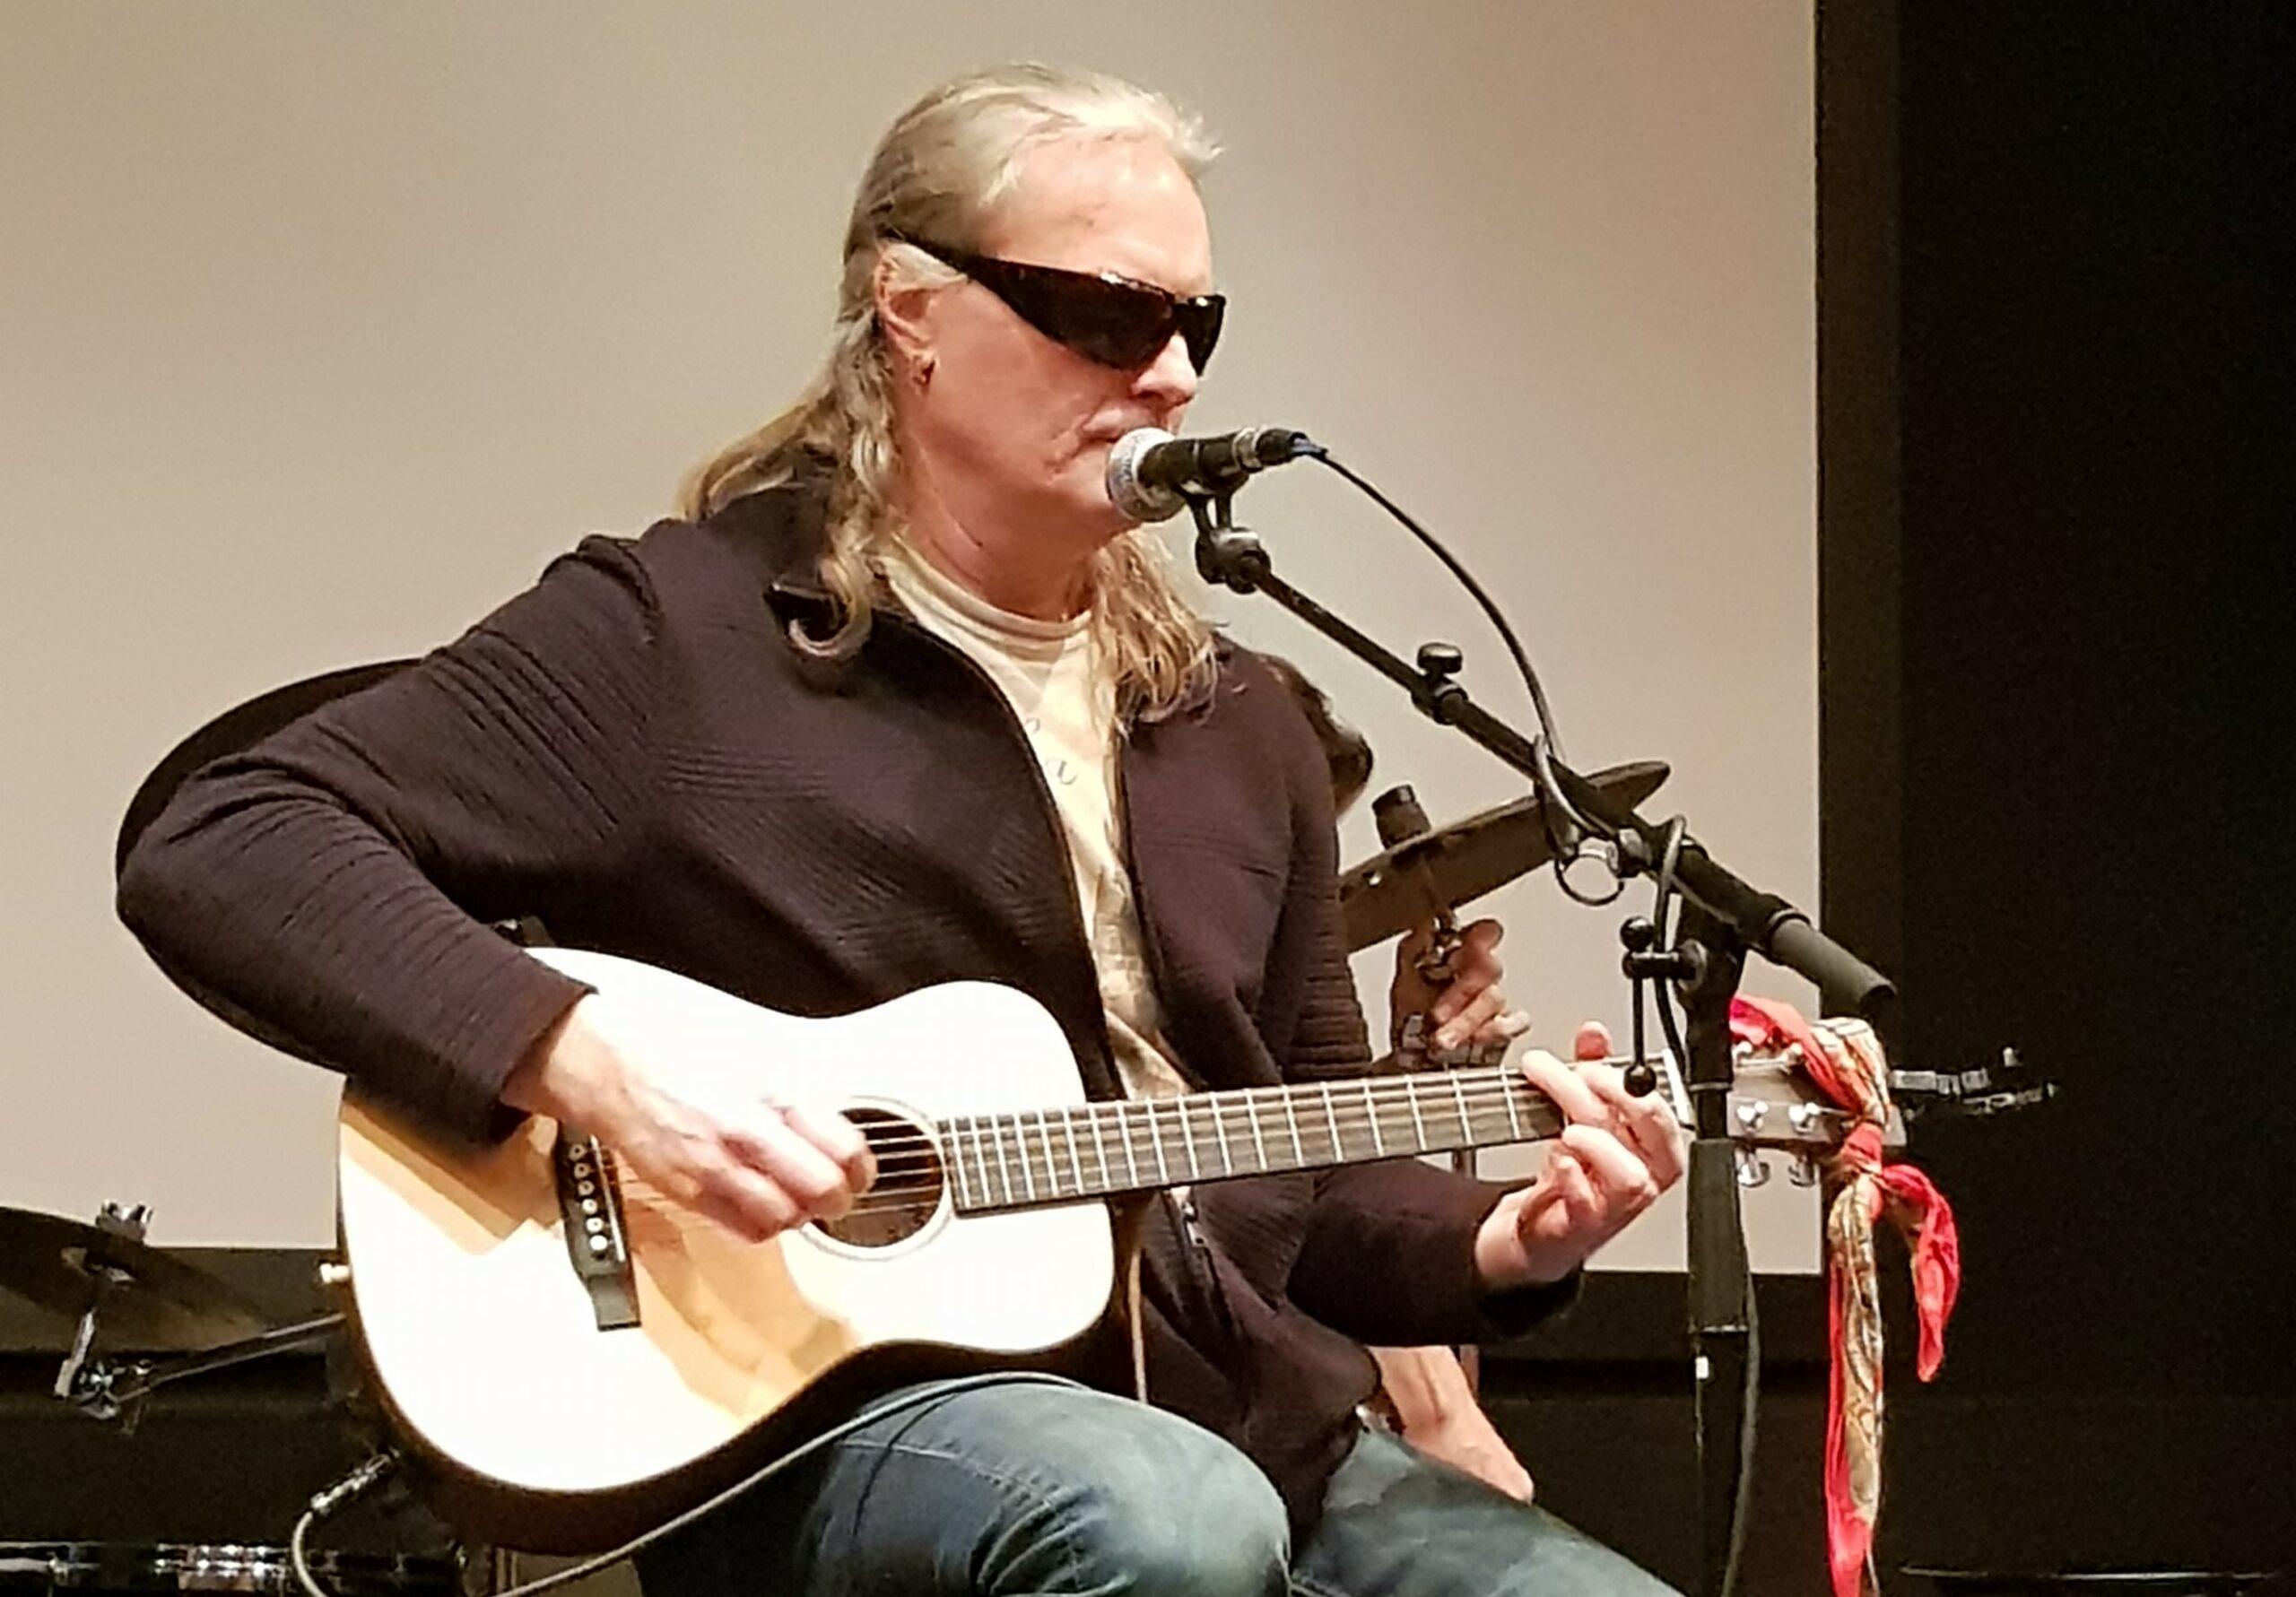 Johan sitter på en barstol på scen och spelar gitarr